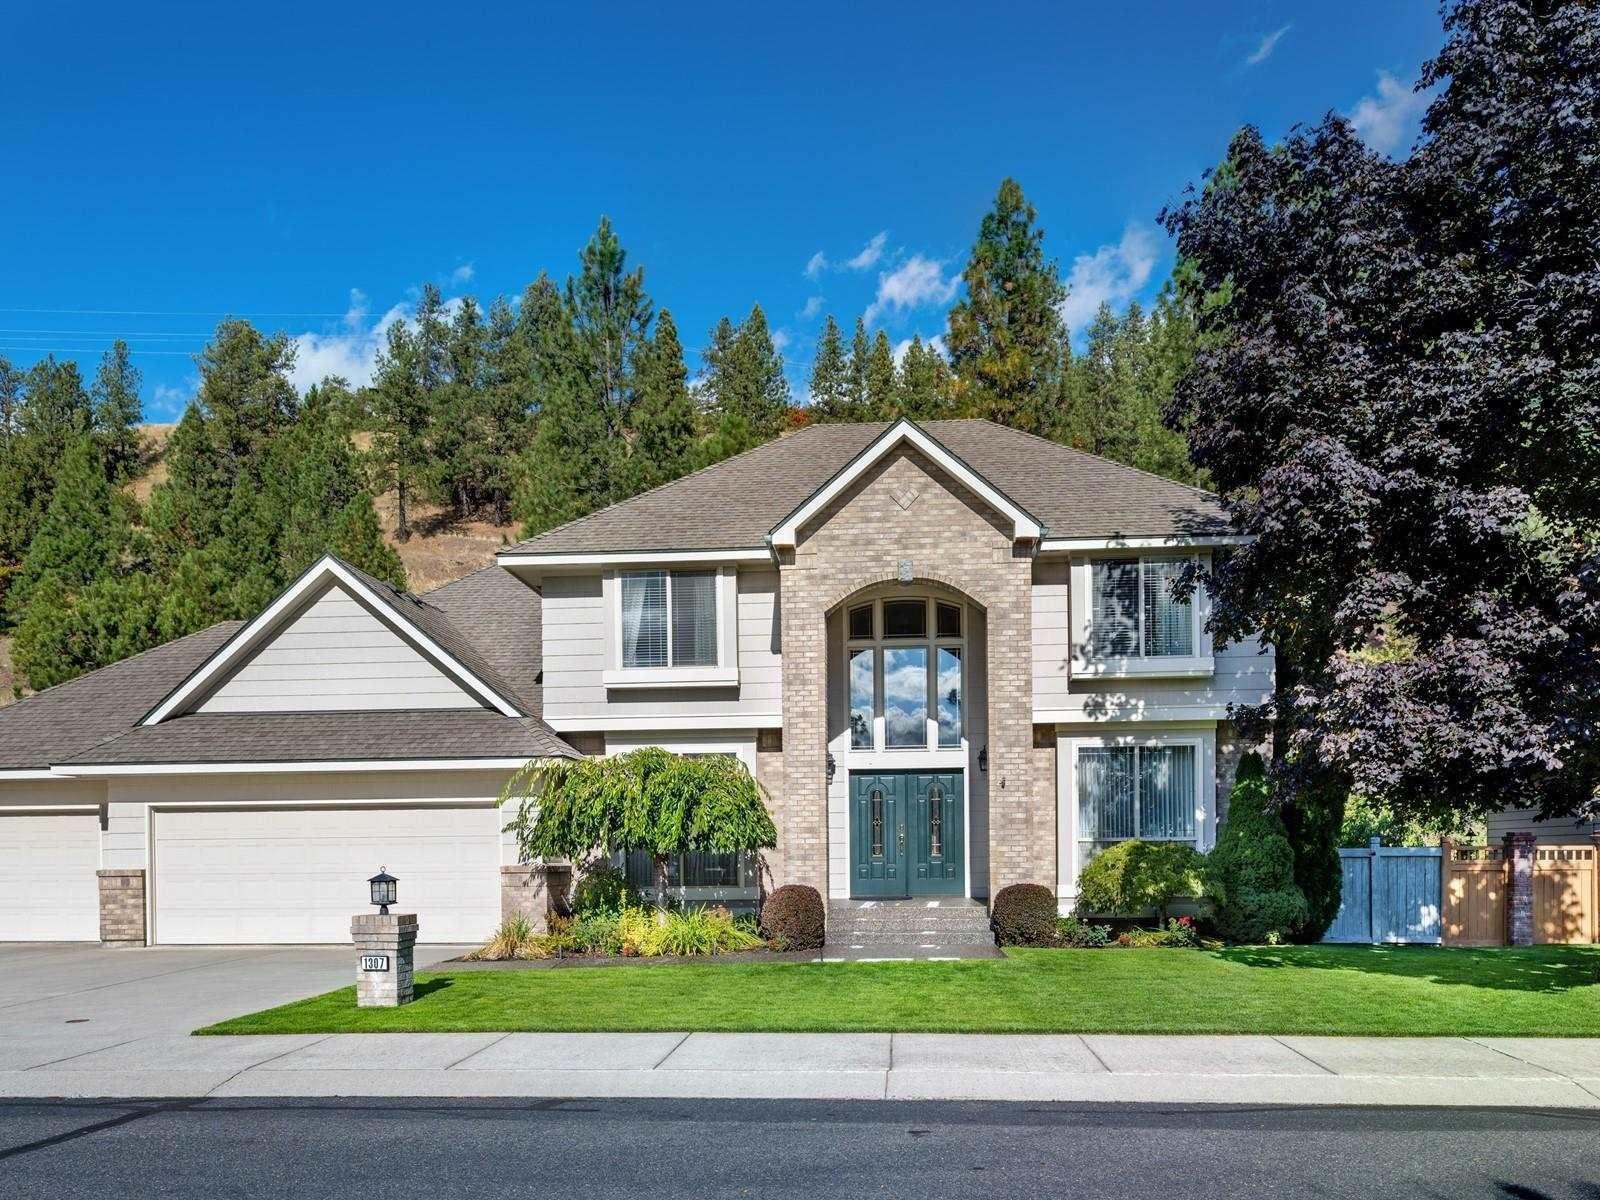 1307 E Blackwood Ln, Spokane, WA 99223-6399 - #: 202116792